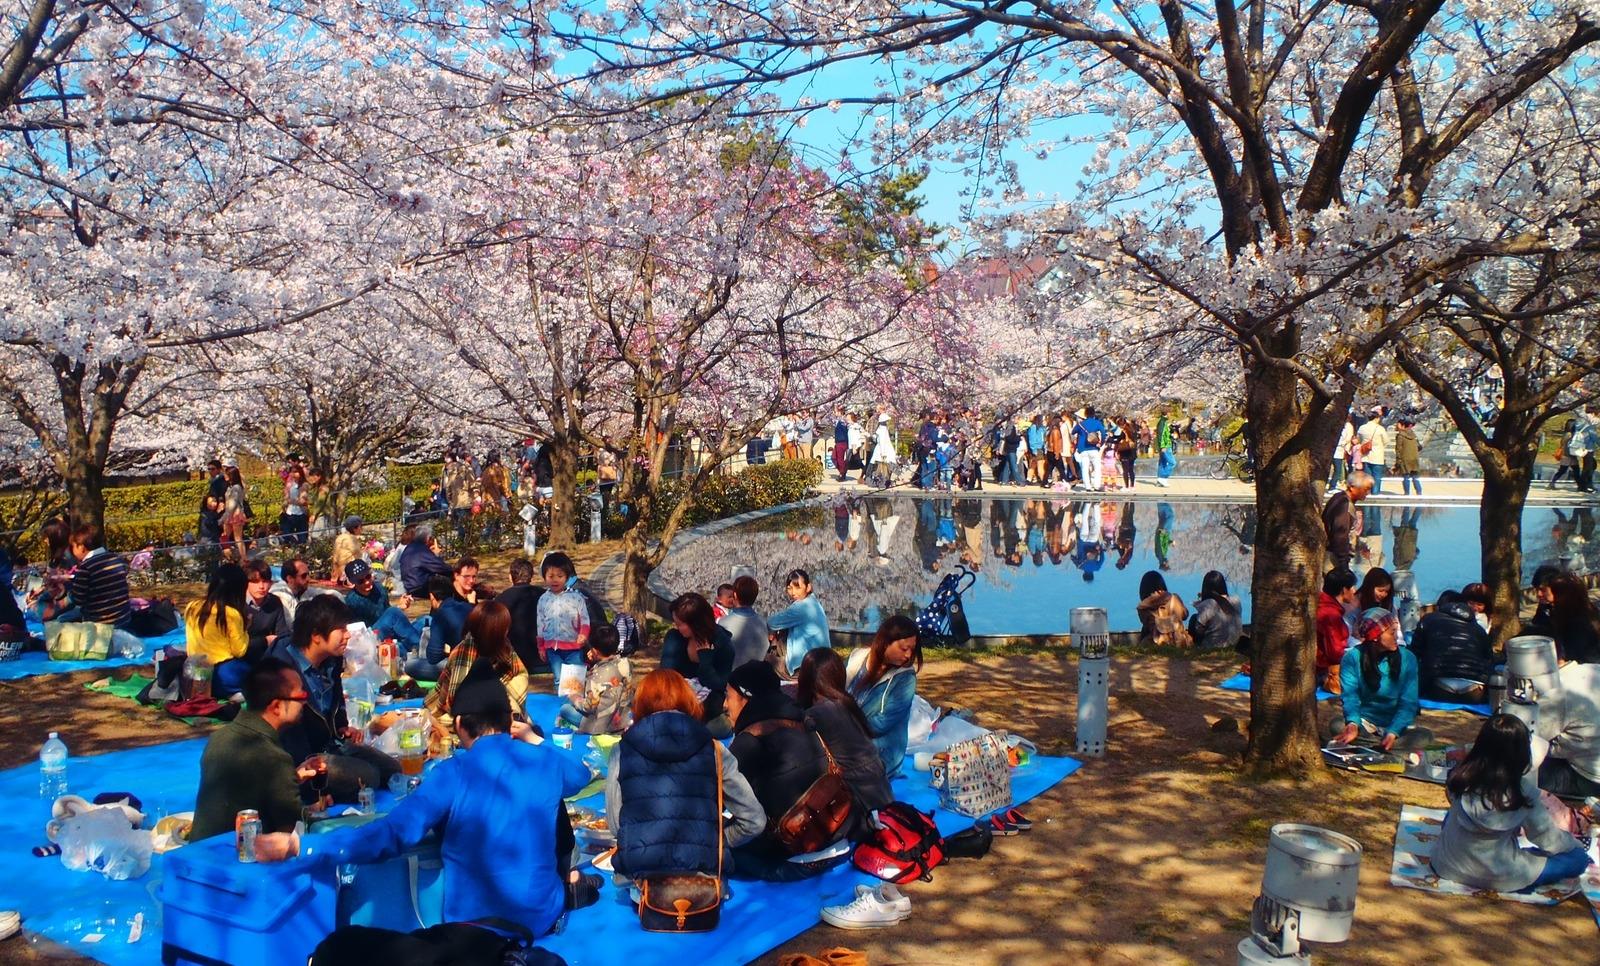 Les cerisiers en fleur ! Le Hanami. Hanami